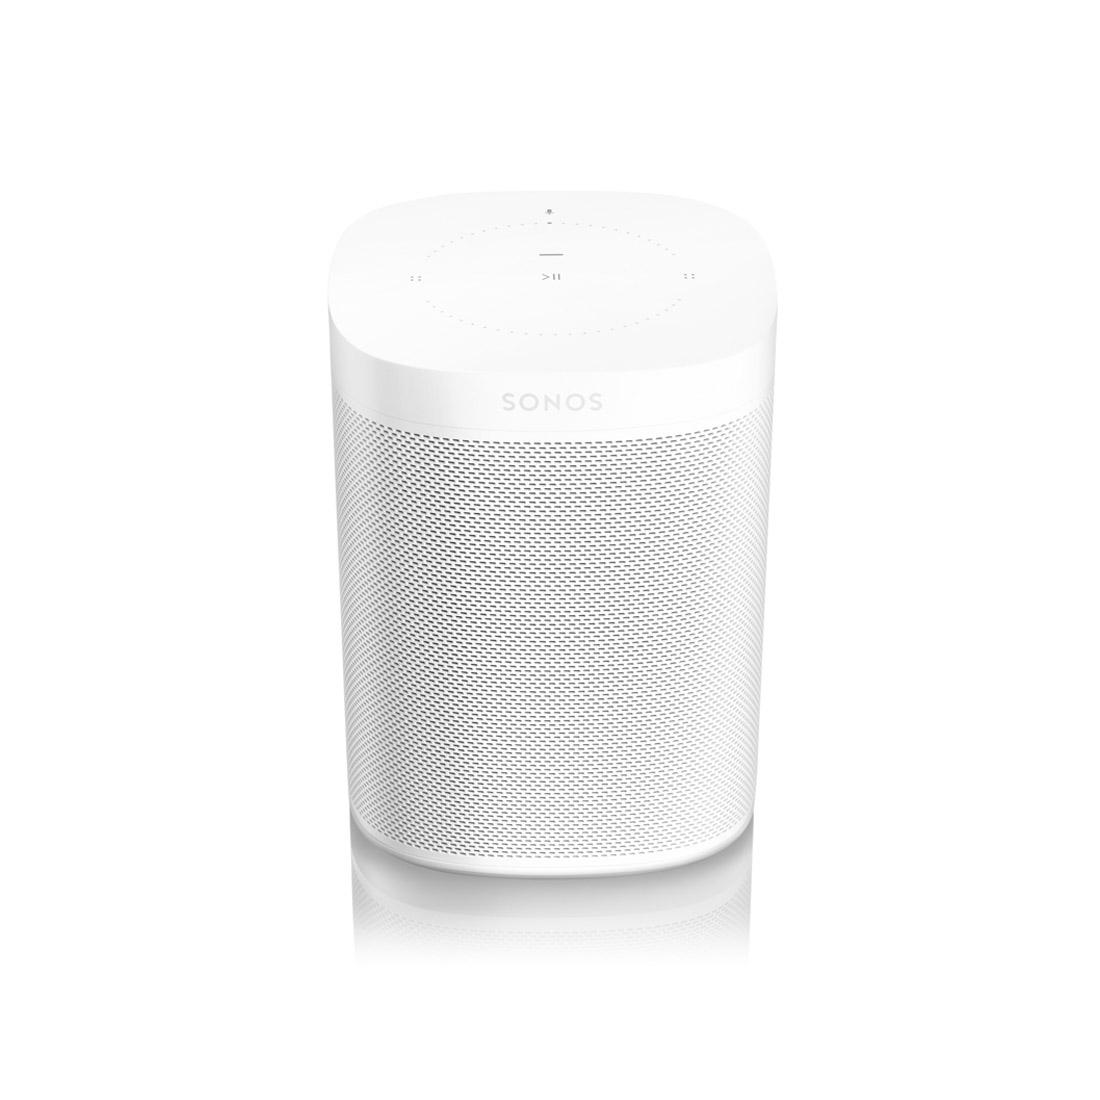 Sonos-one-white.jpg